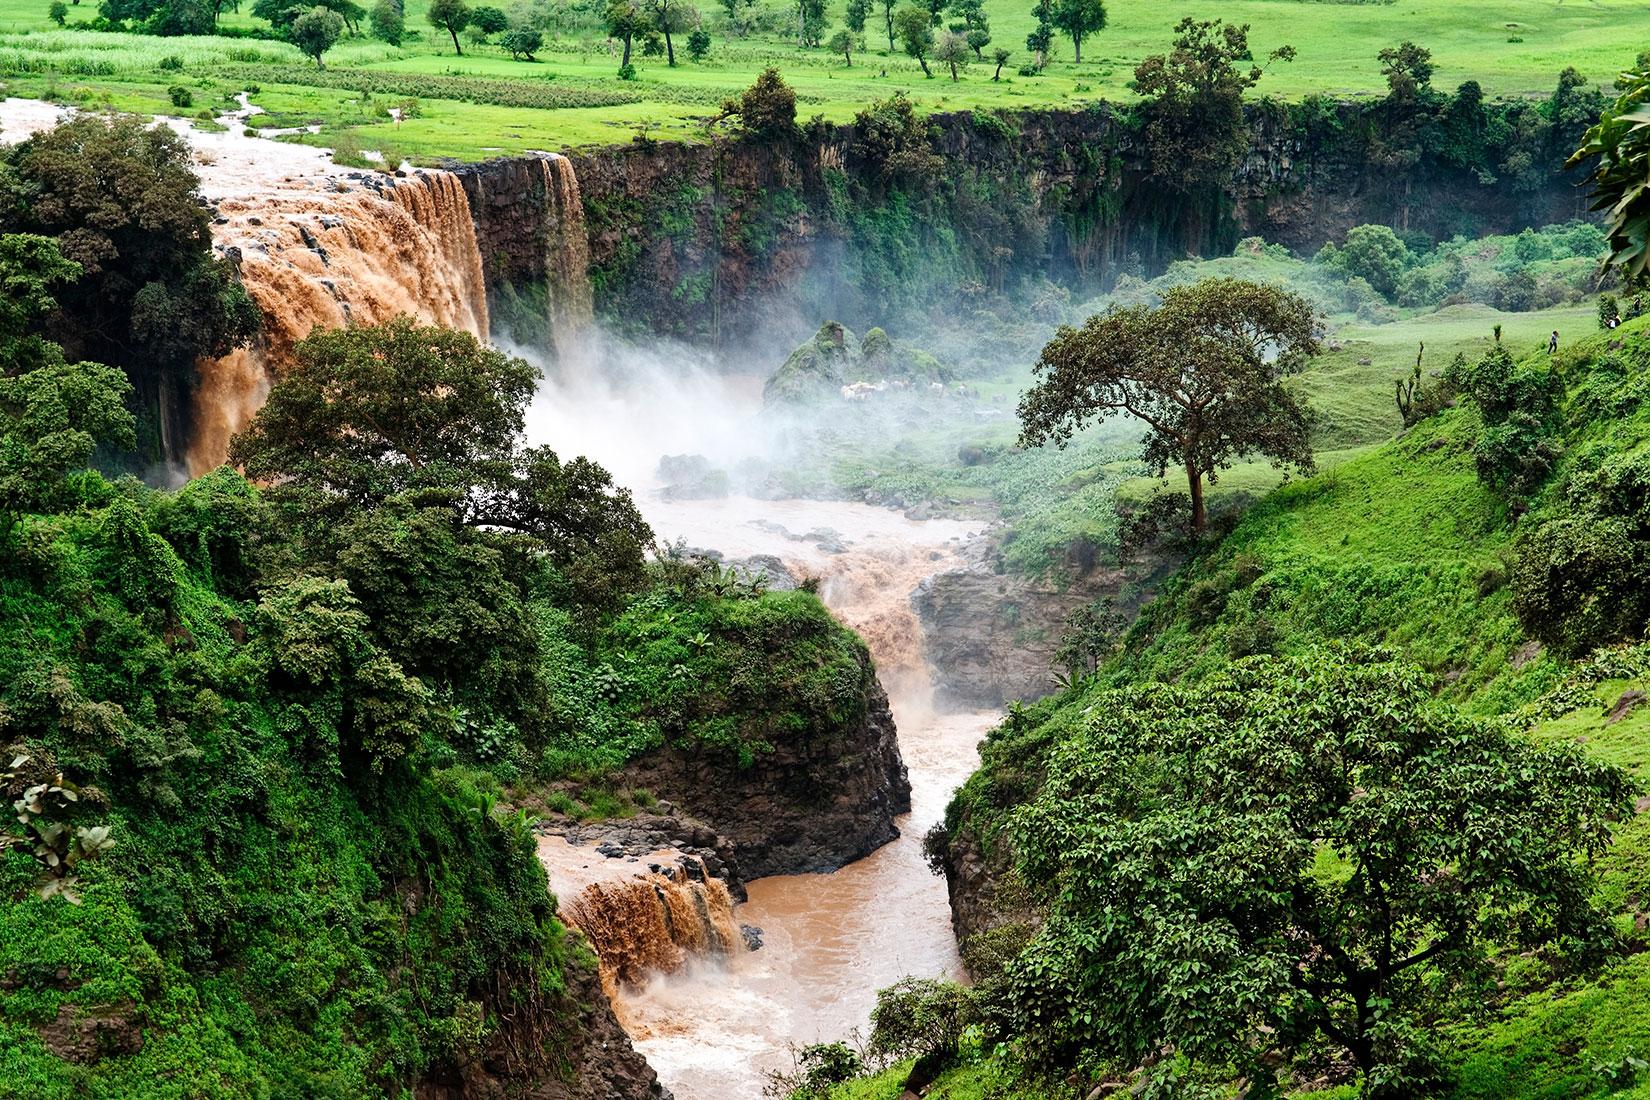 ナイル川の水争いー大エチオピア・ルネサンスダムを巡って